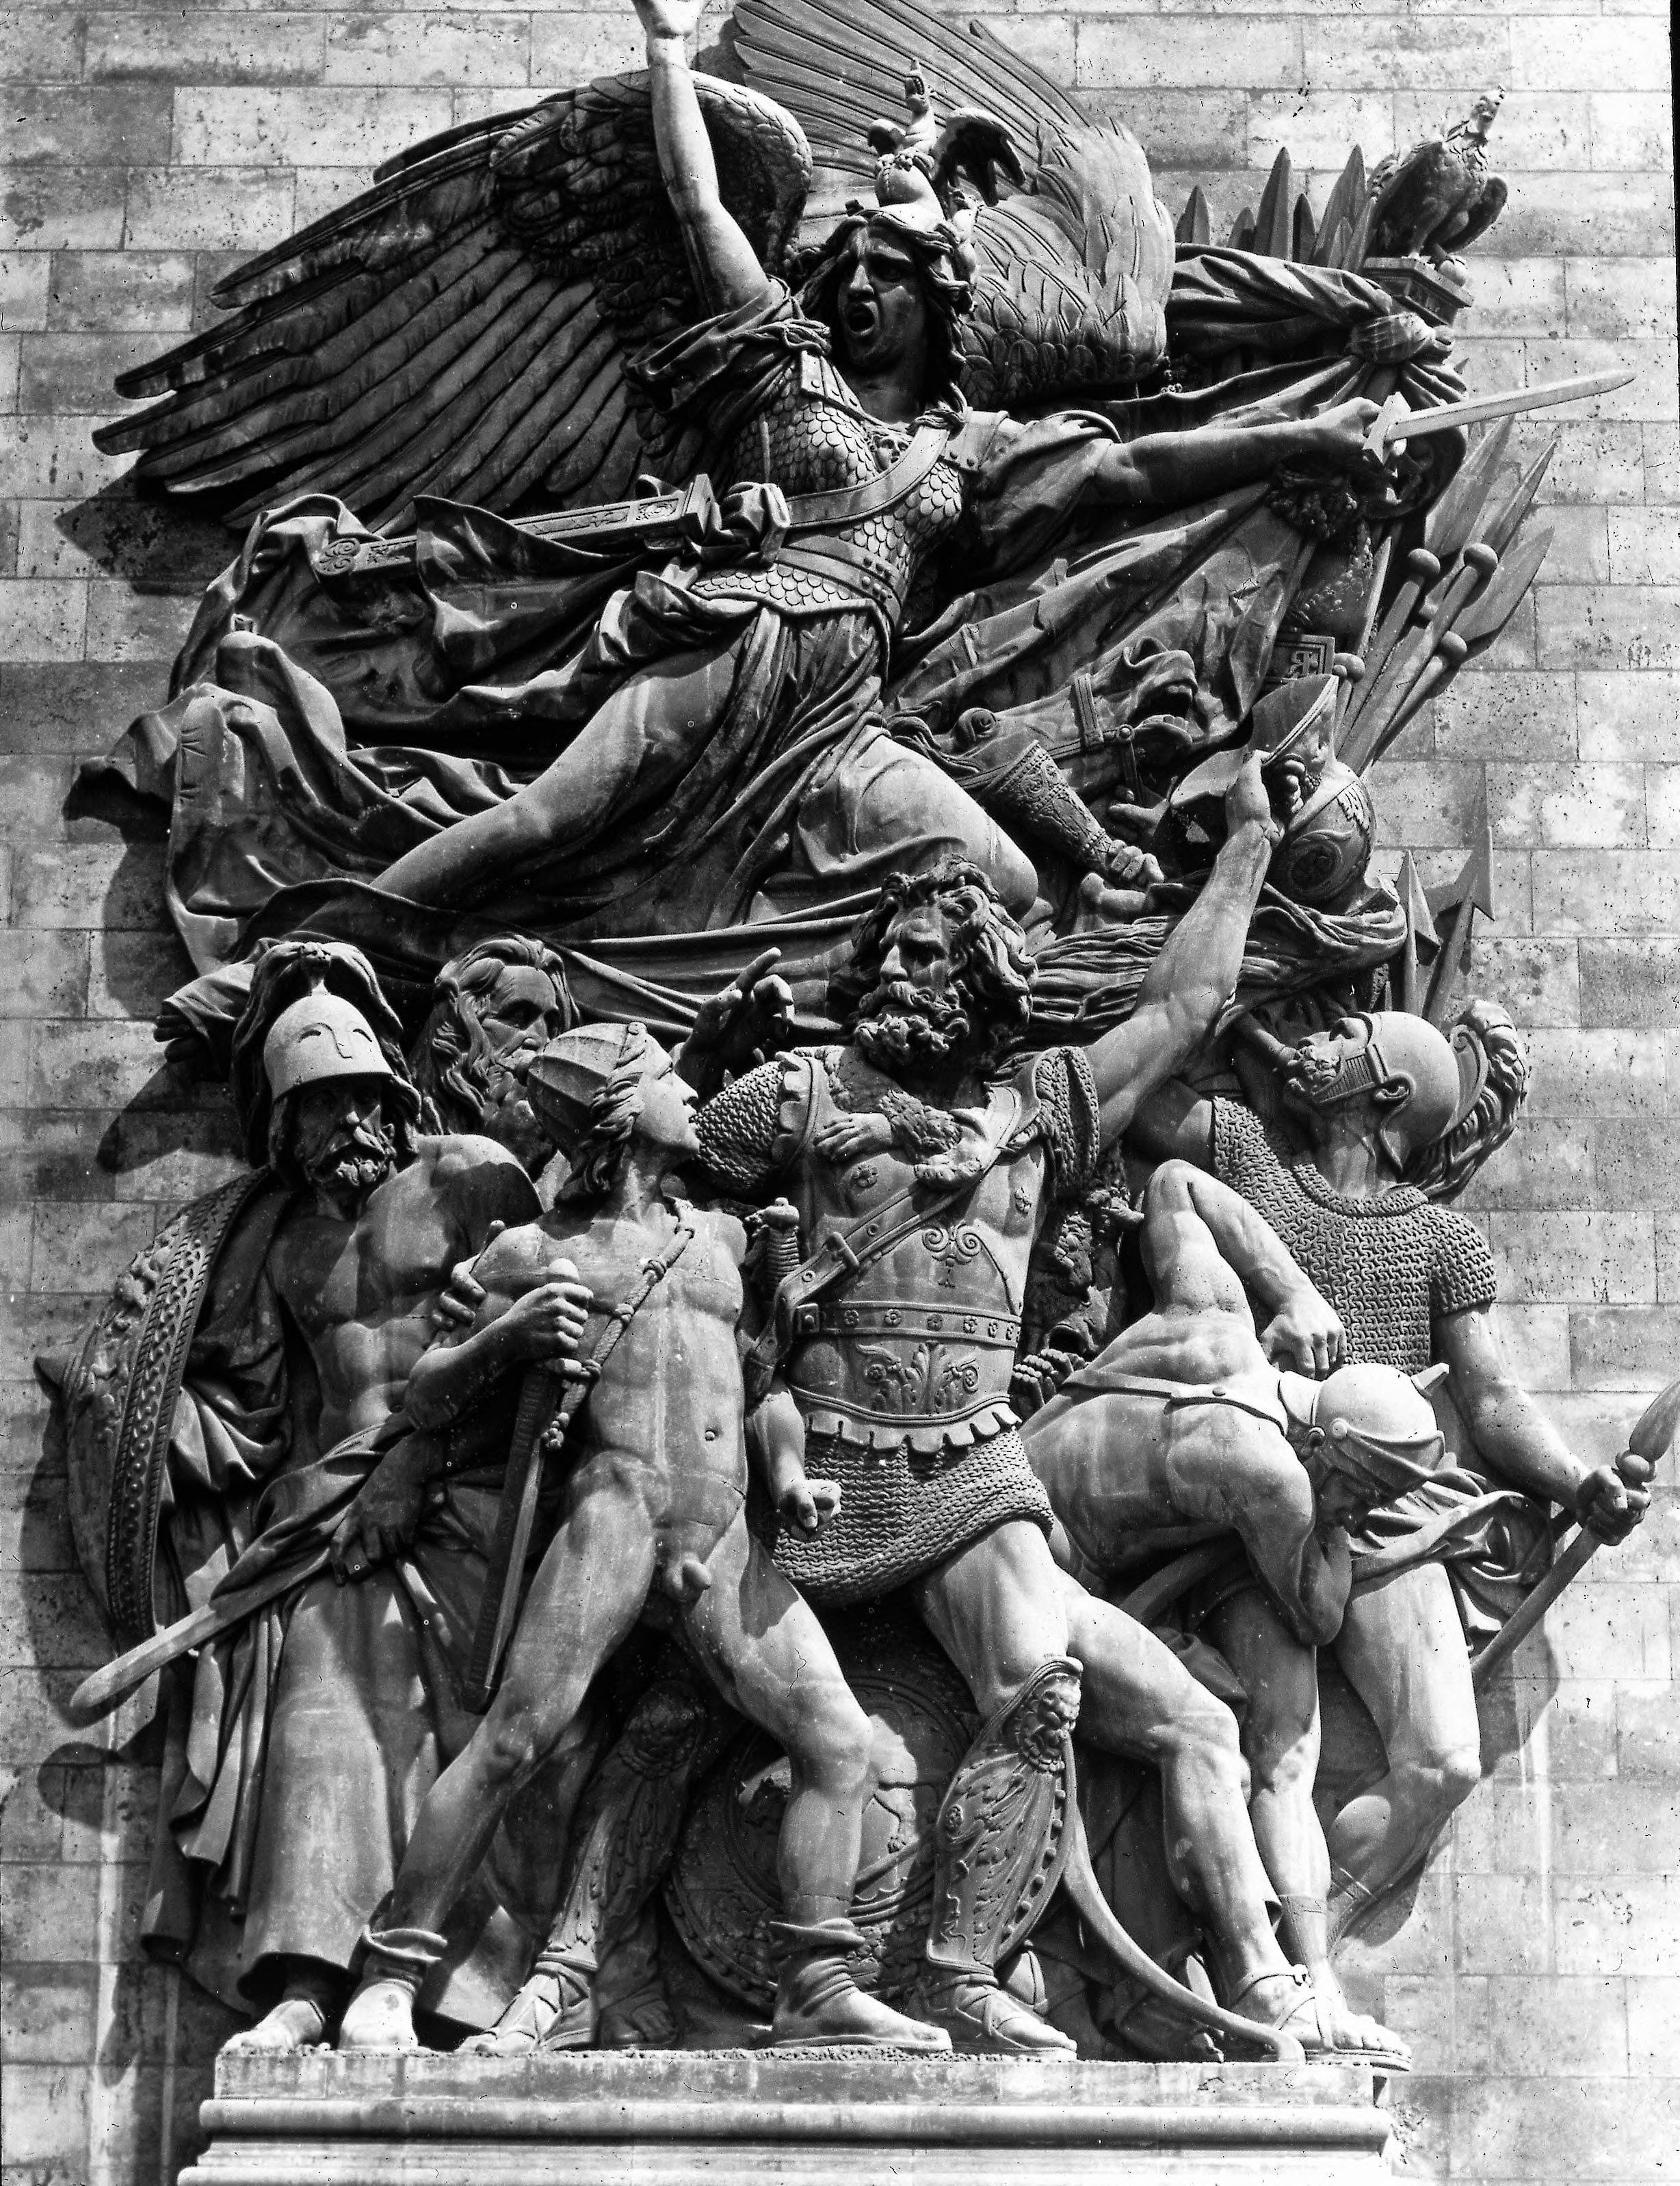 Площадь Этуаль. Триумфальная арка. Скульптура Марсельеза